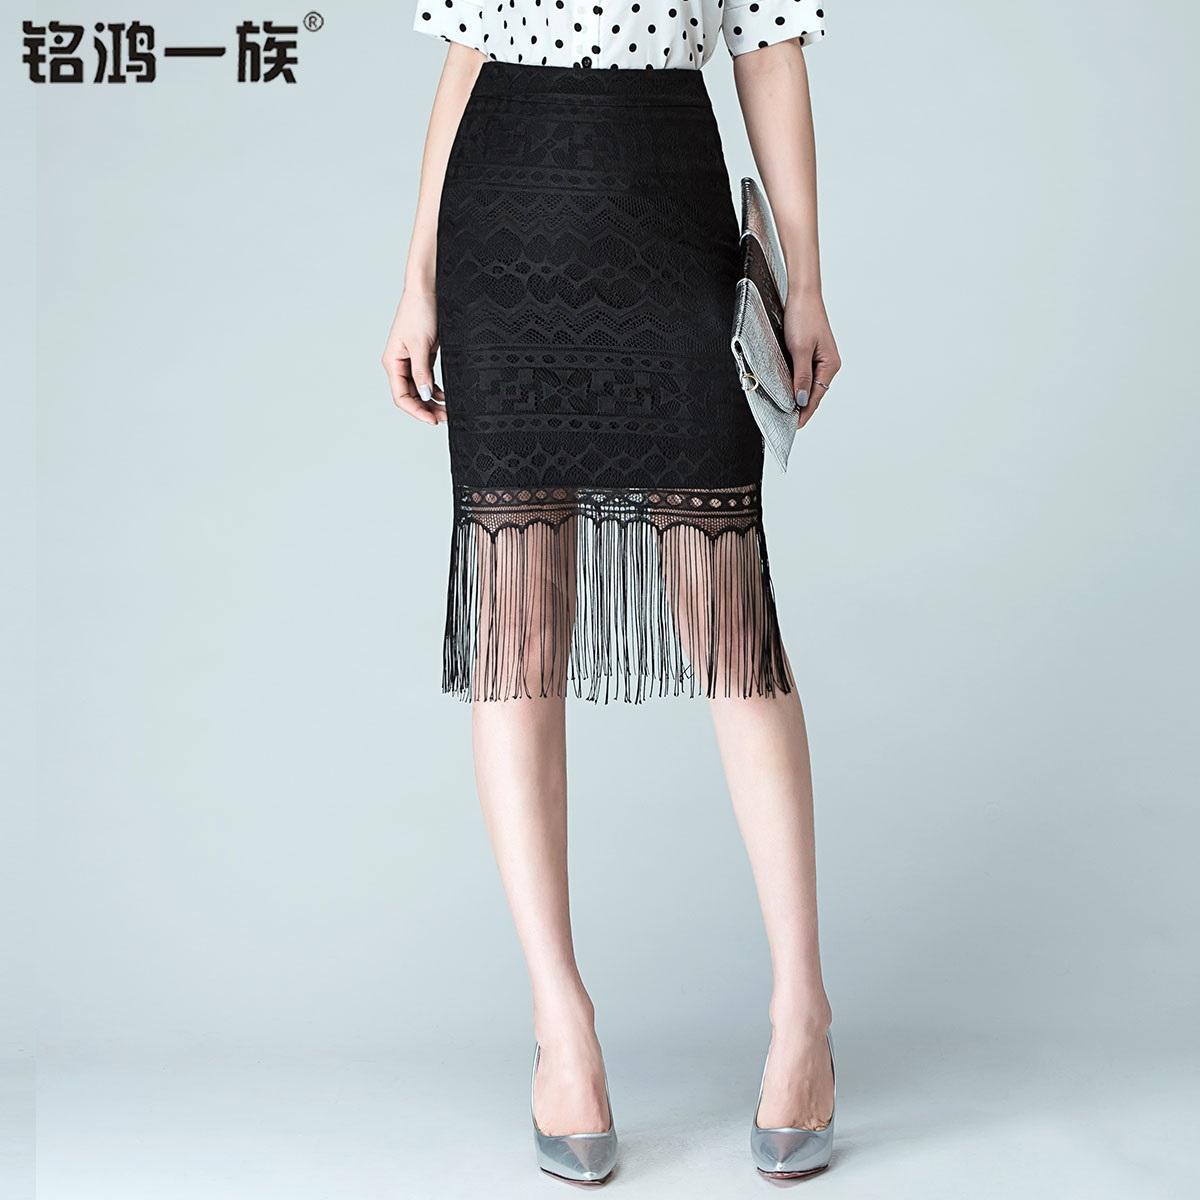 黑色流苏裙_流苏裙摇曳生姿的性感展现完美身段北京生活